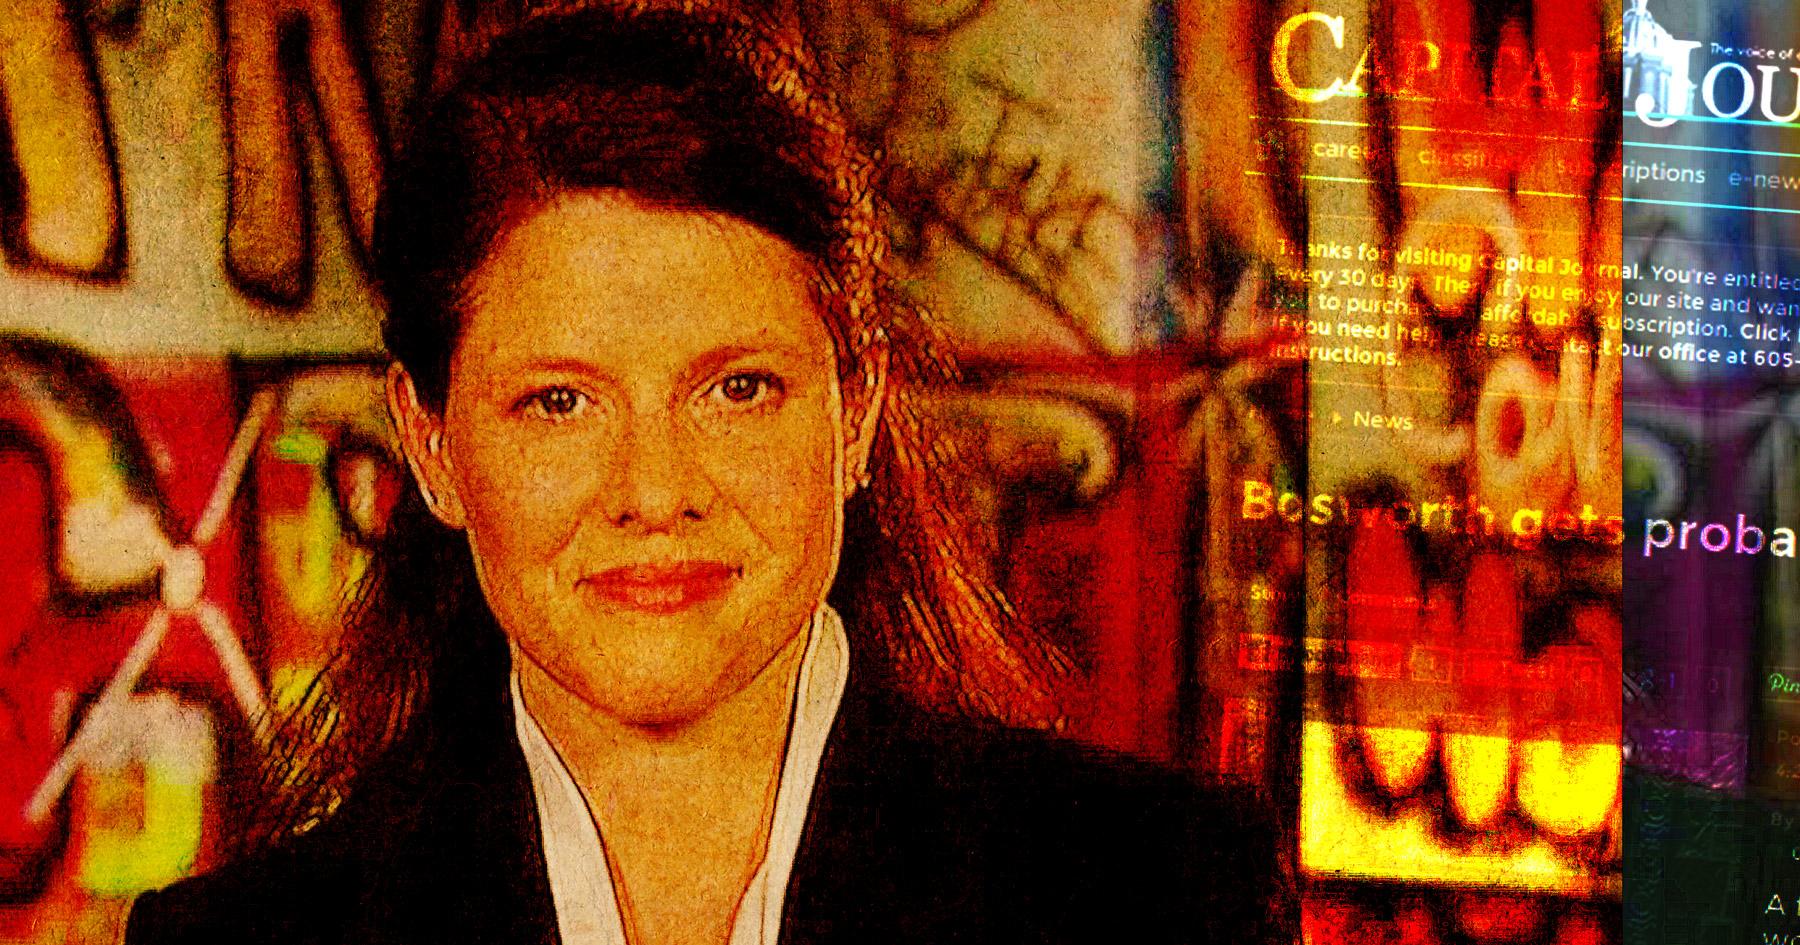 Dr. Annette Bosworth